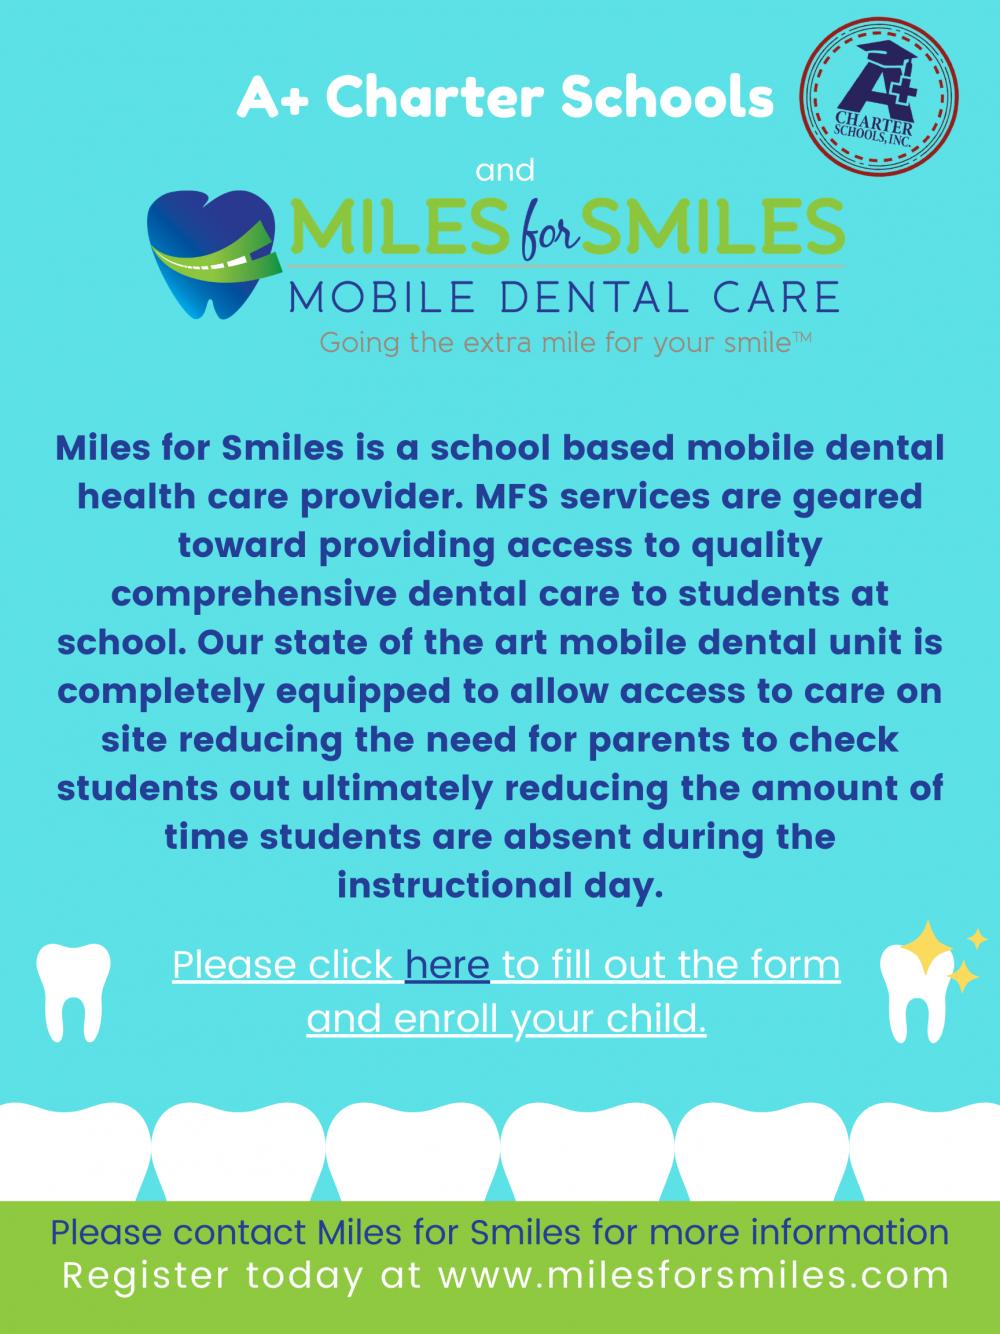 Miles for smiles logo